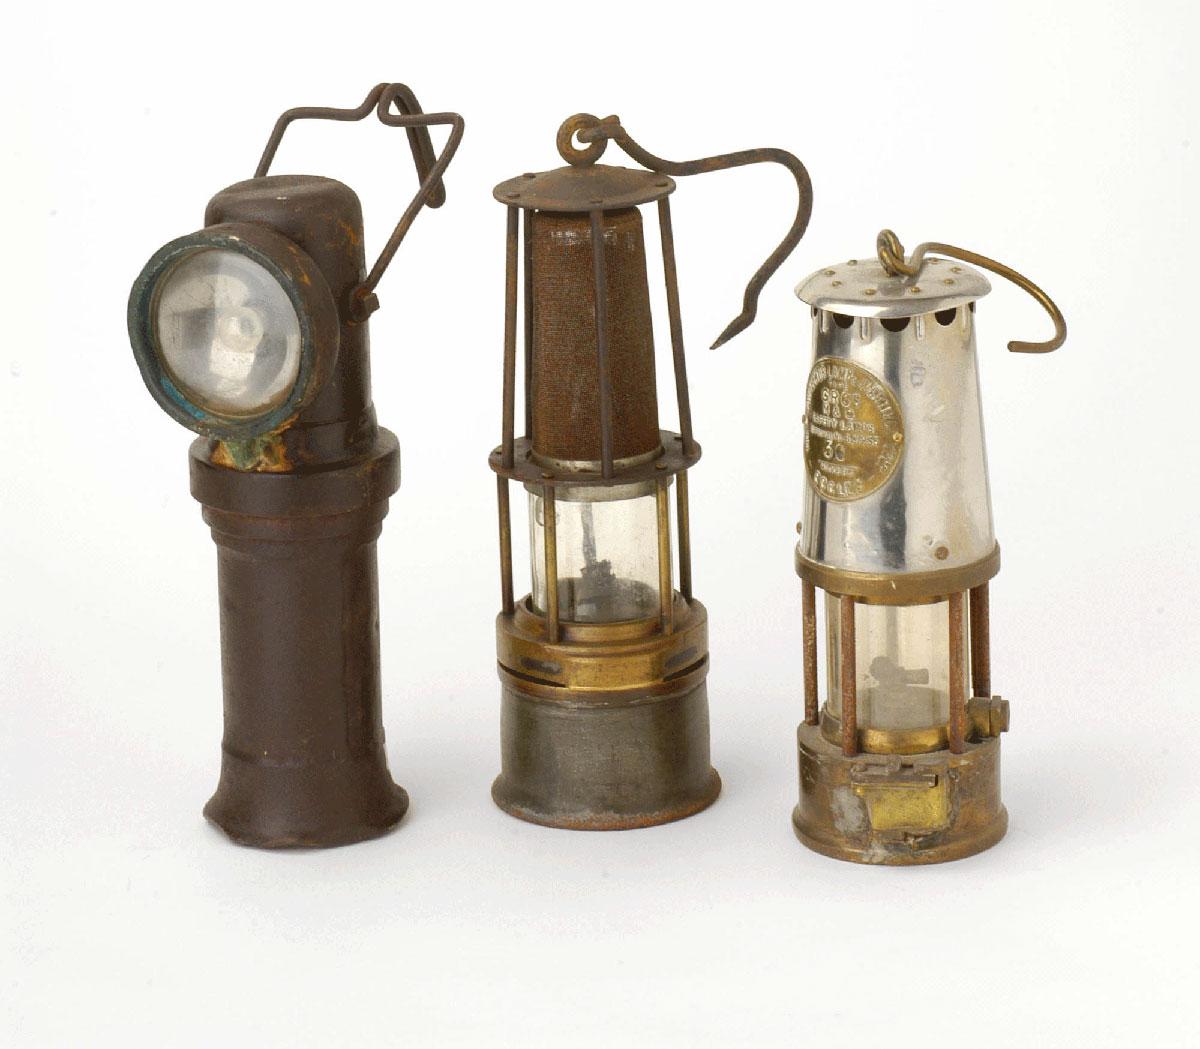 Lume da miniera lume lampada ad olio in ottone brunito da for Cerco lampade a led